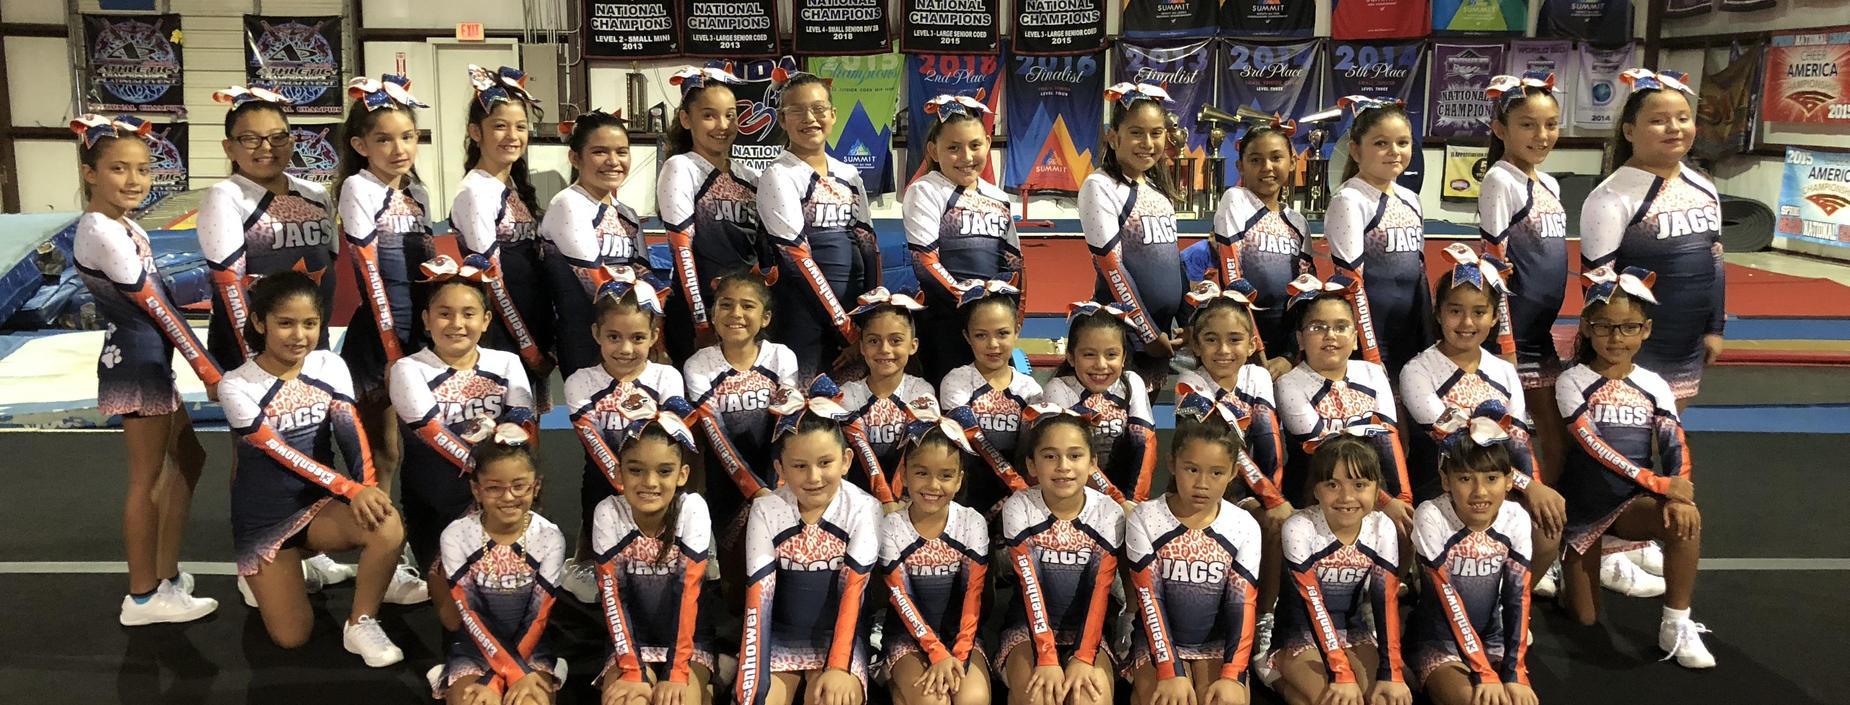 Eisenhower Cheer Team